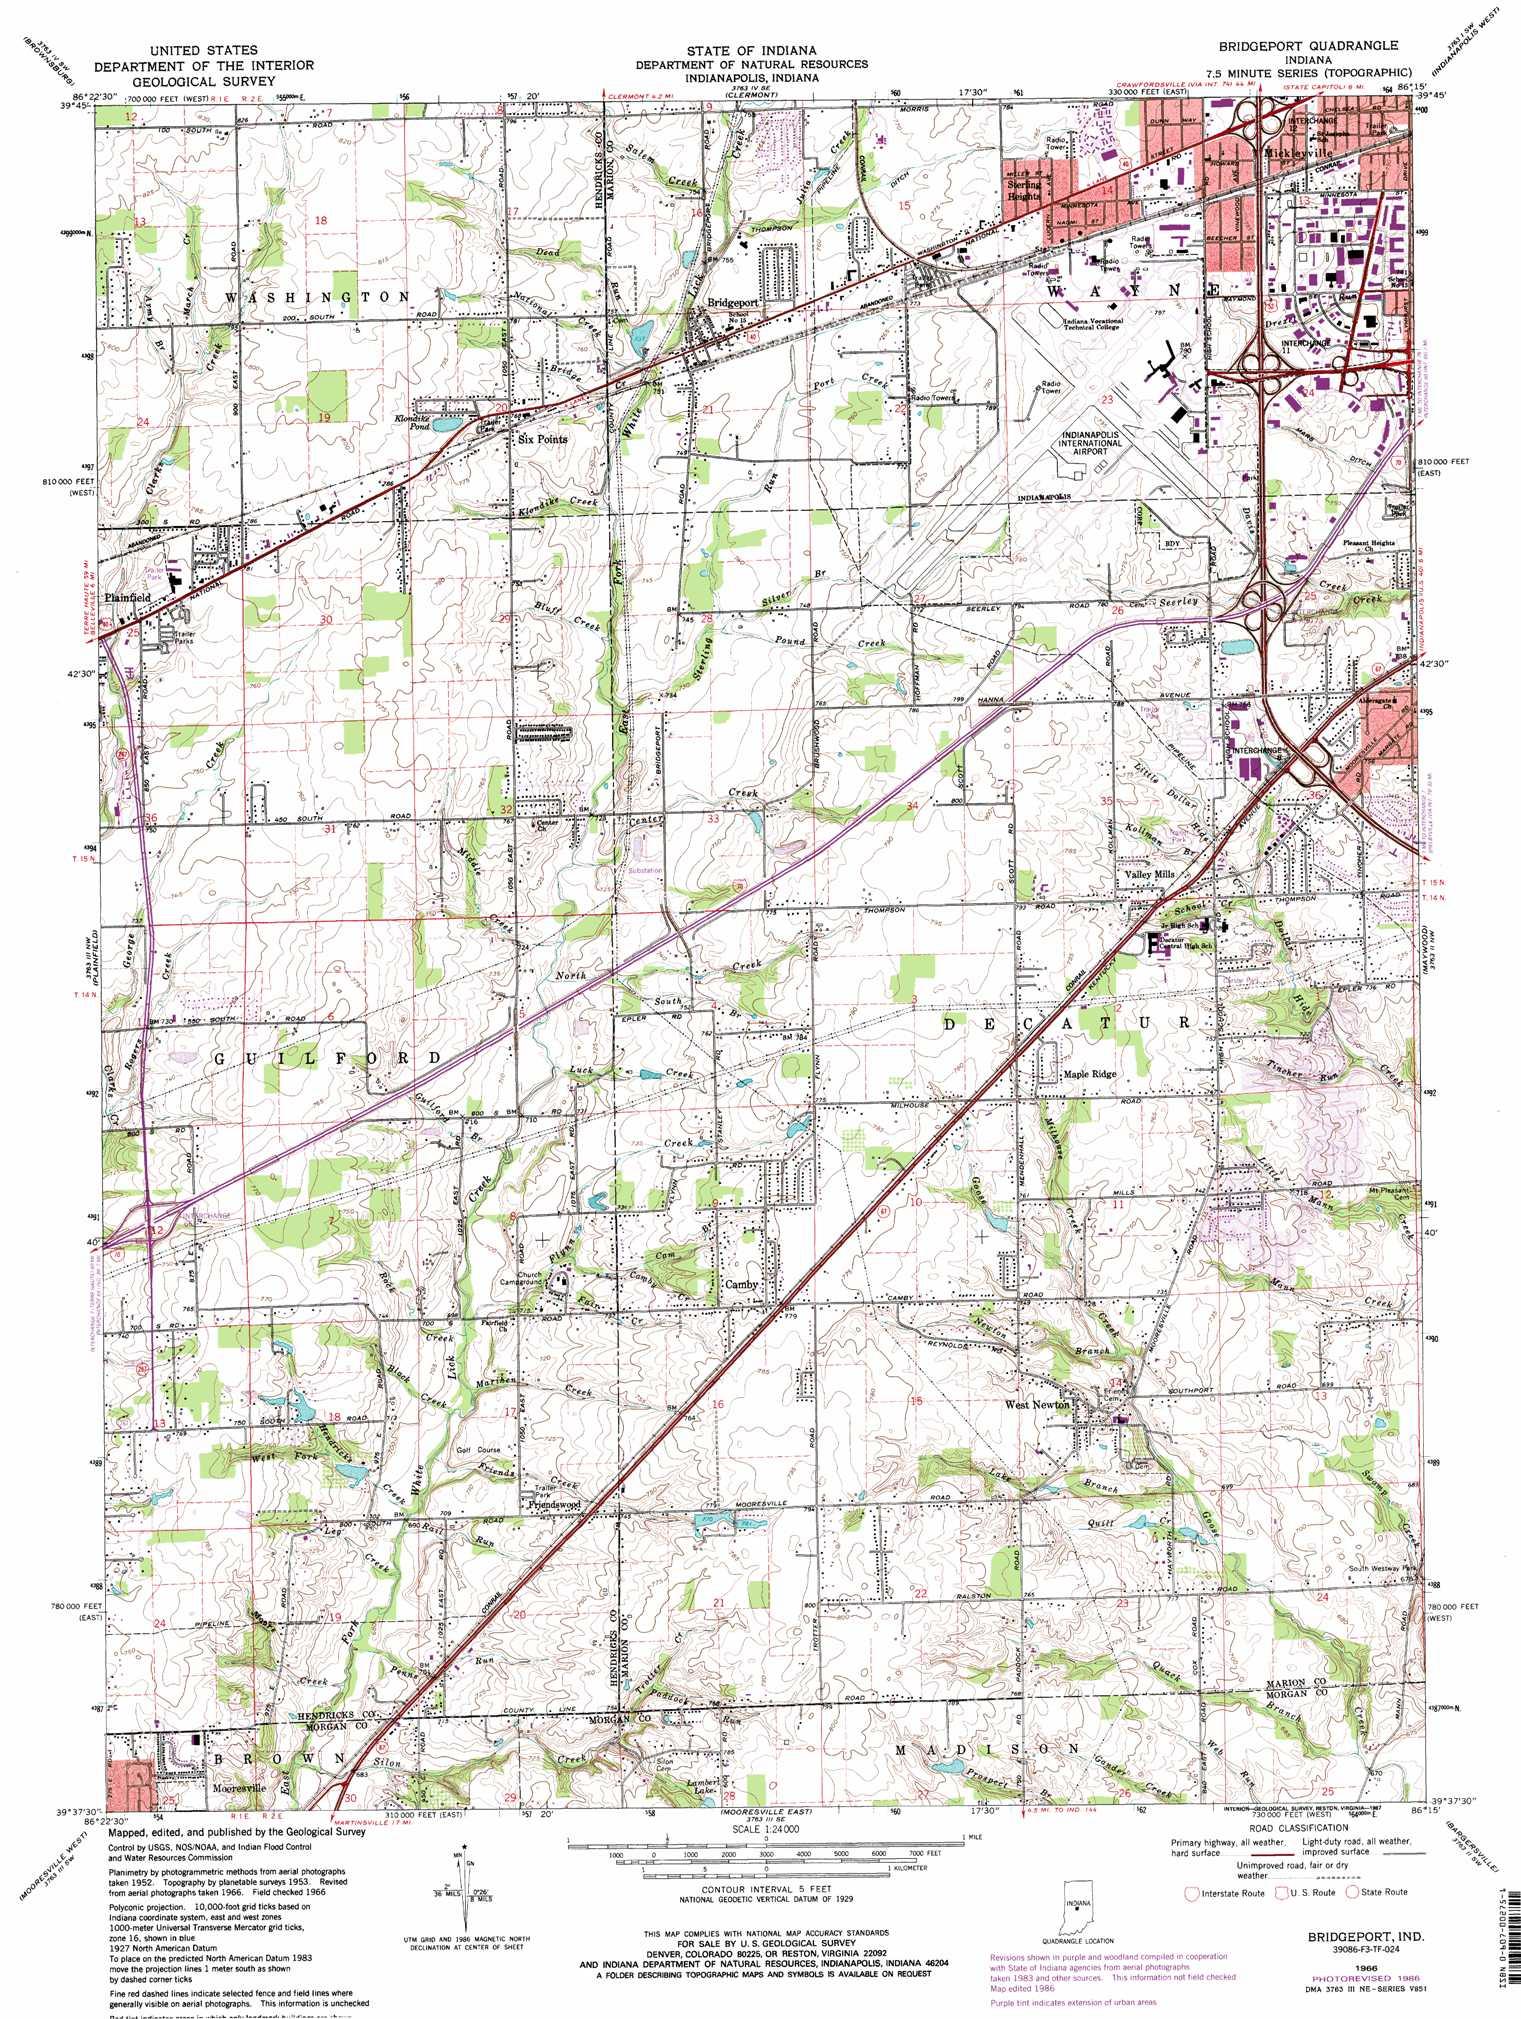 Bridgeport Topographic Map IN  USGS Topo Quad 39086f3